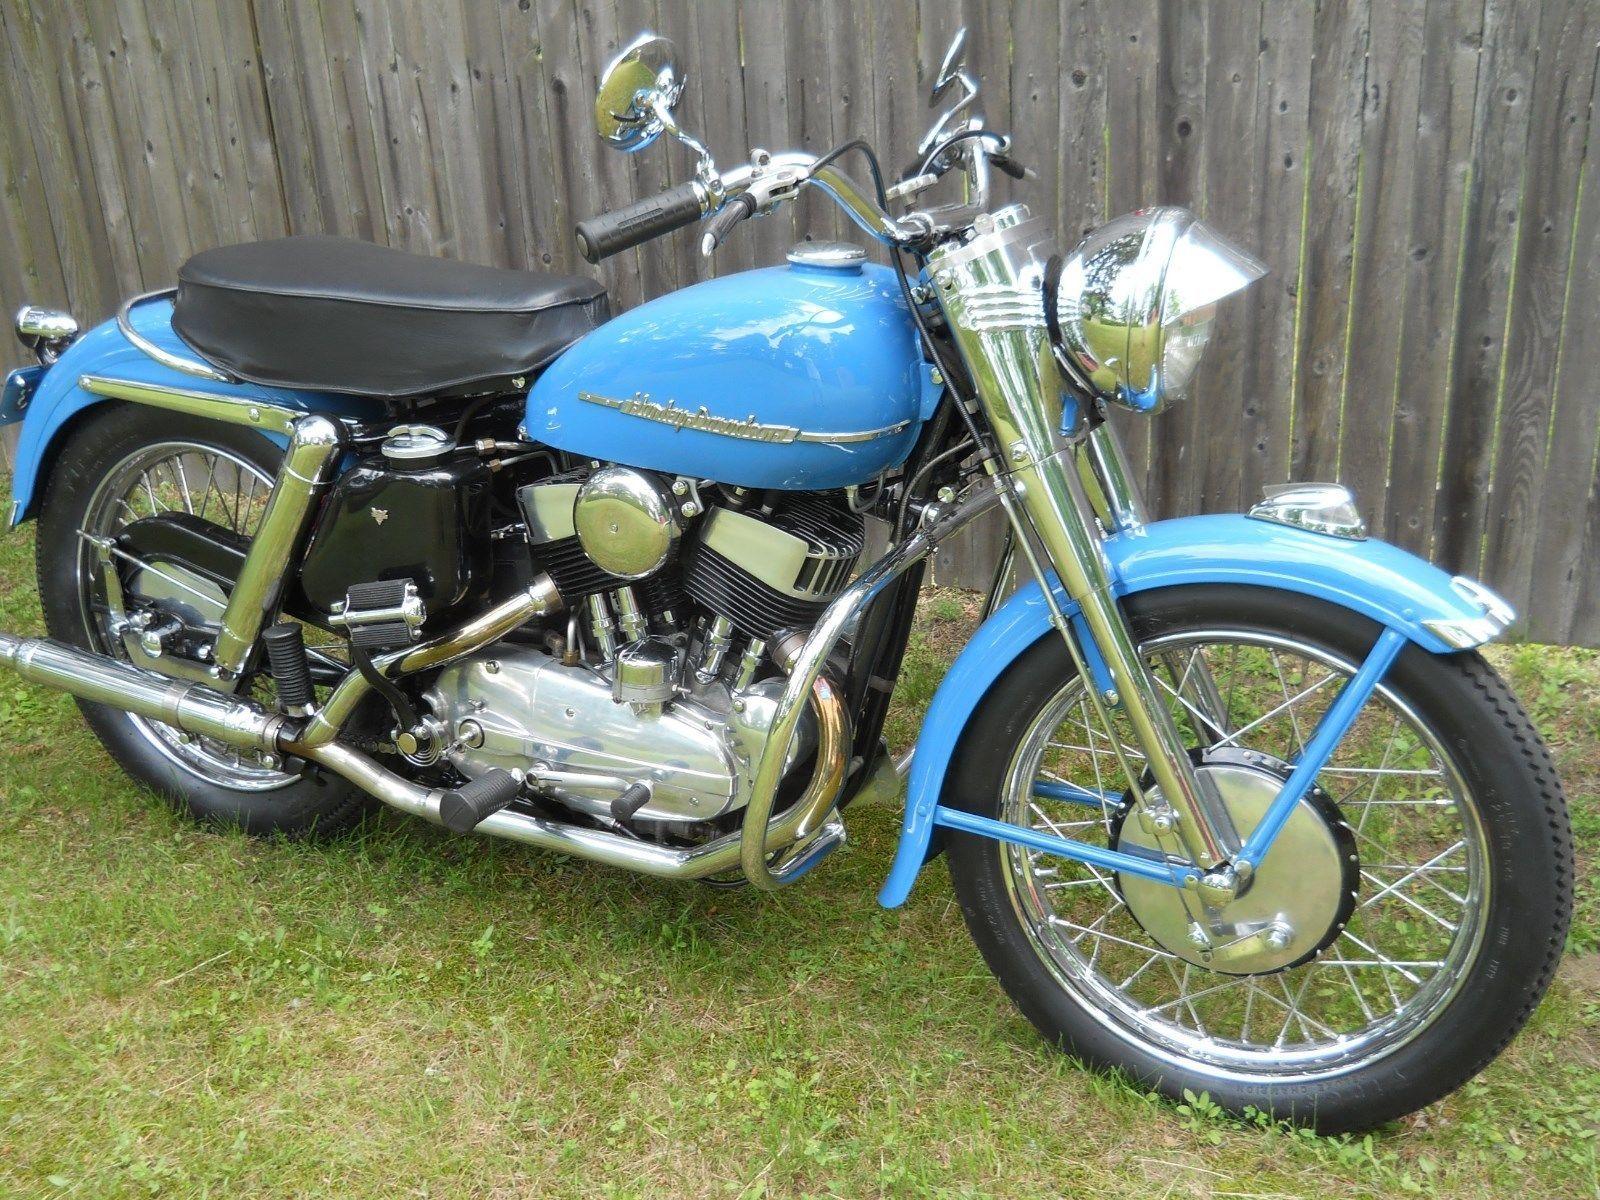 1953 Harley-Davidson K Model | Harley davidson and Hummer